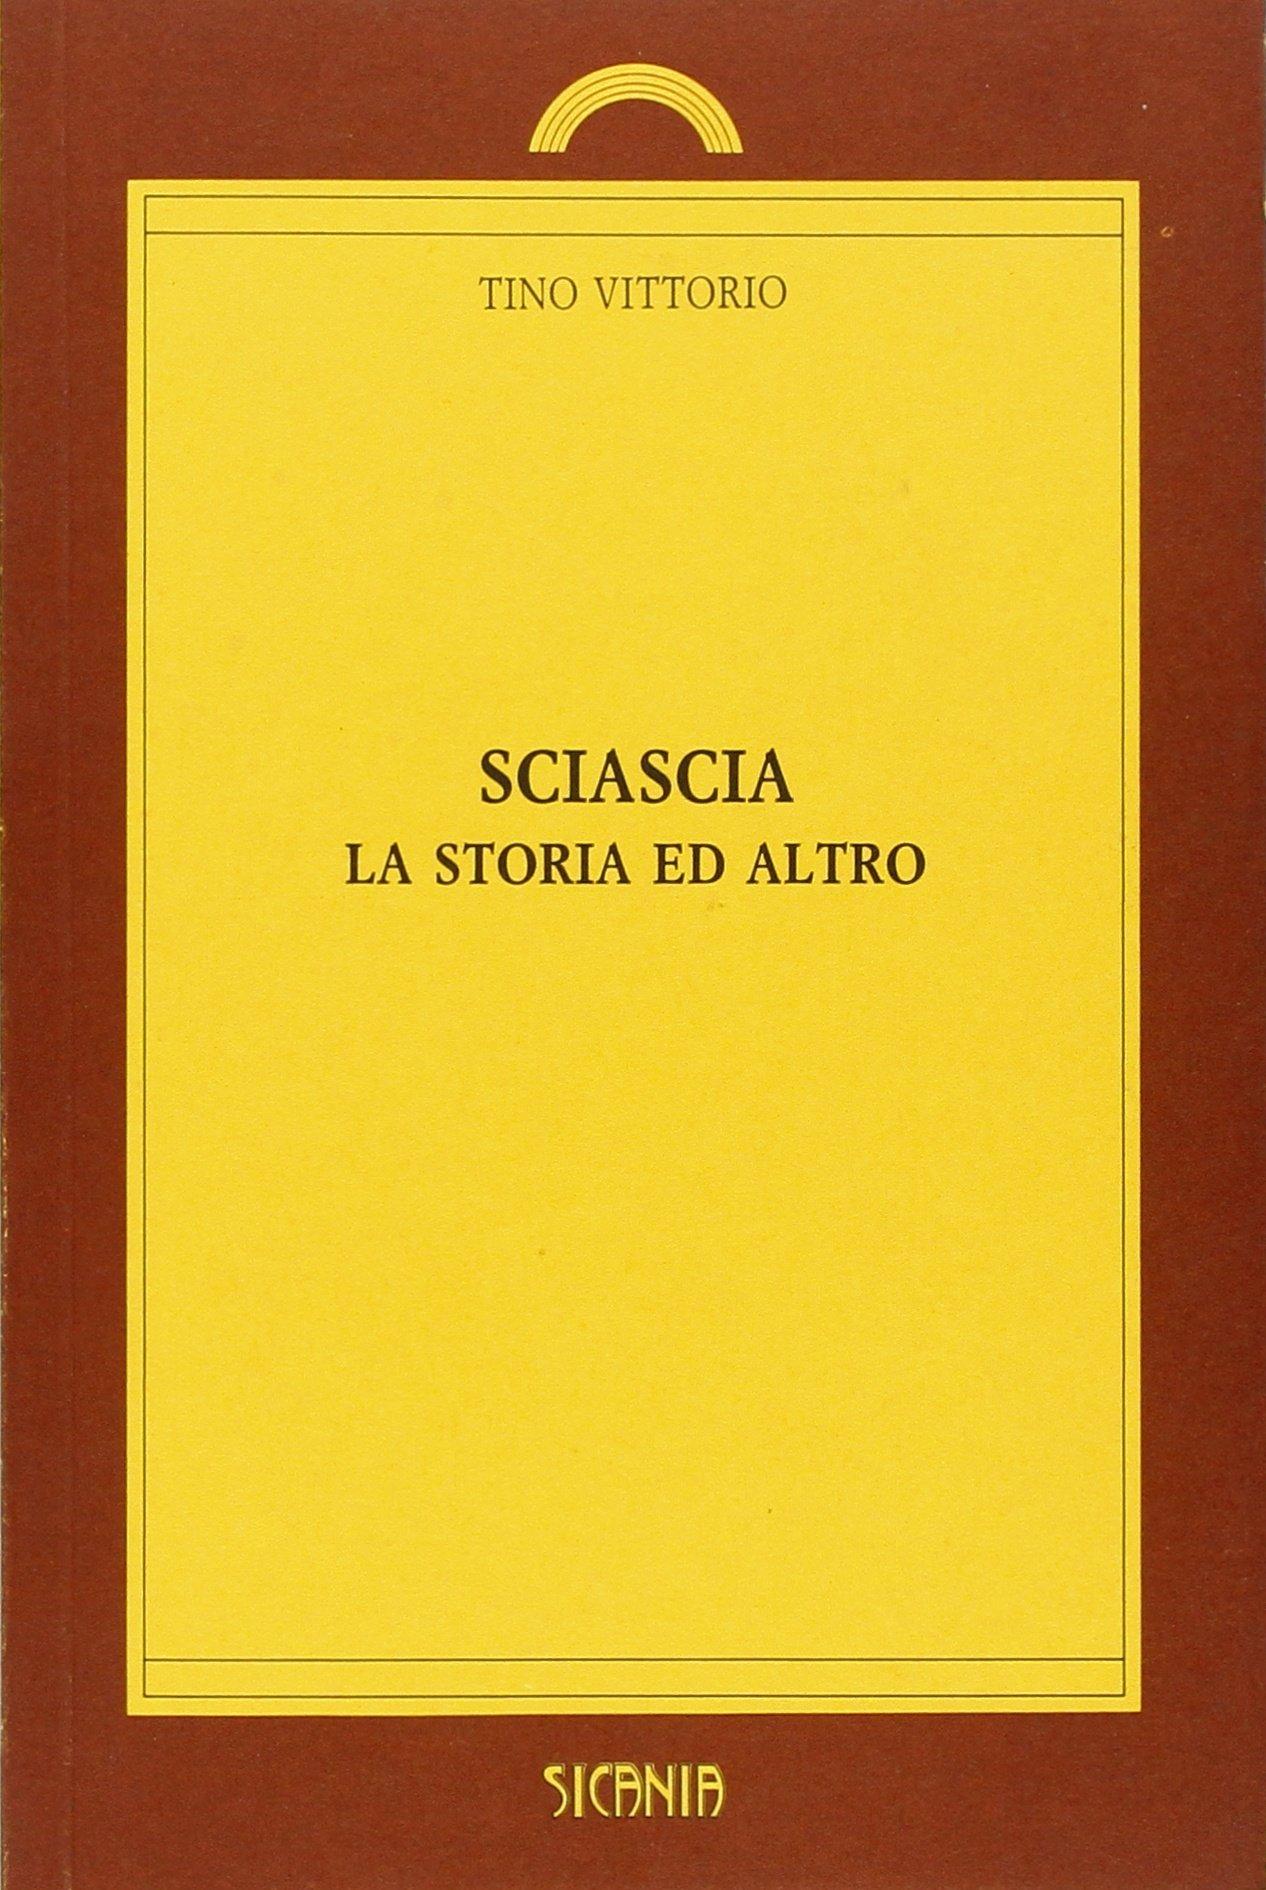 Sciascia, la storia ed altro: Amazon.it: Vittorio, Tino: Libri